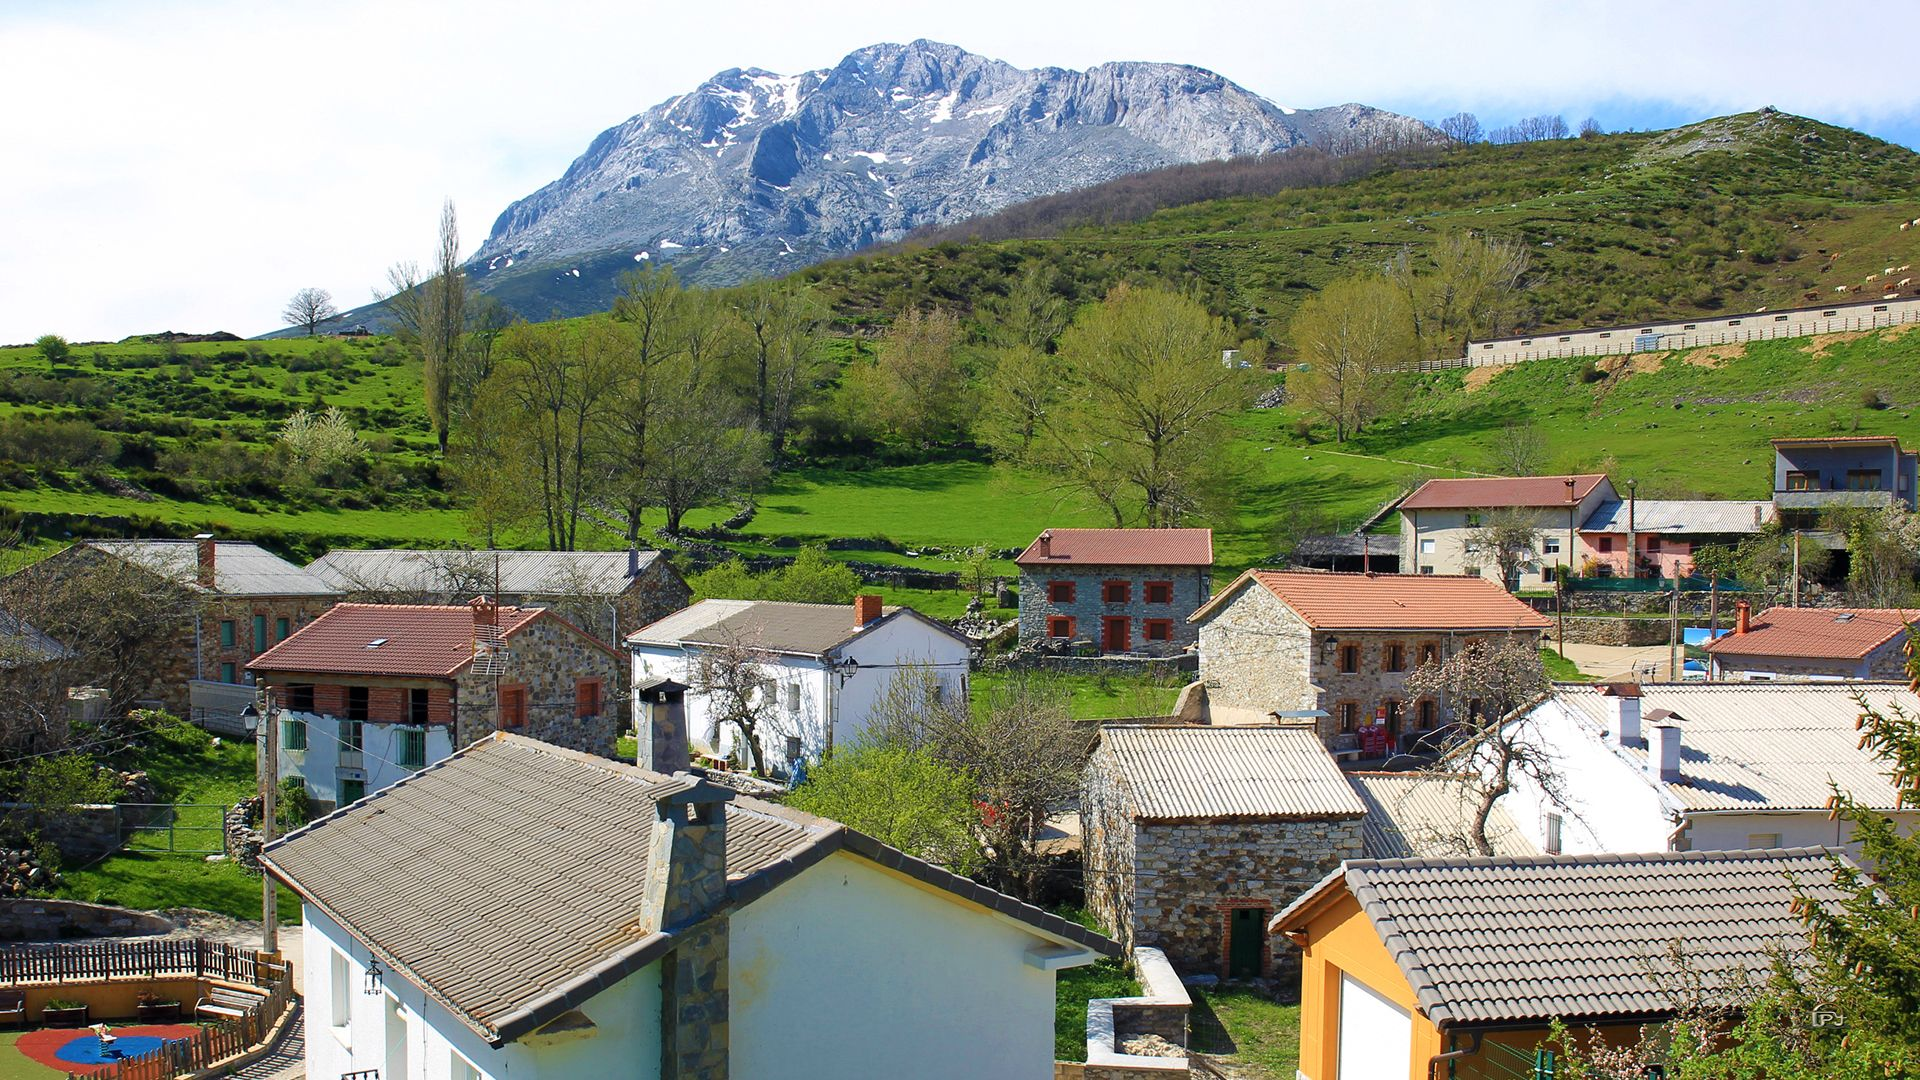 Cardaño De Abajo Montaña Palentina Palencia Spain Parques Naturales Montañas La Abadia